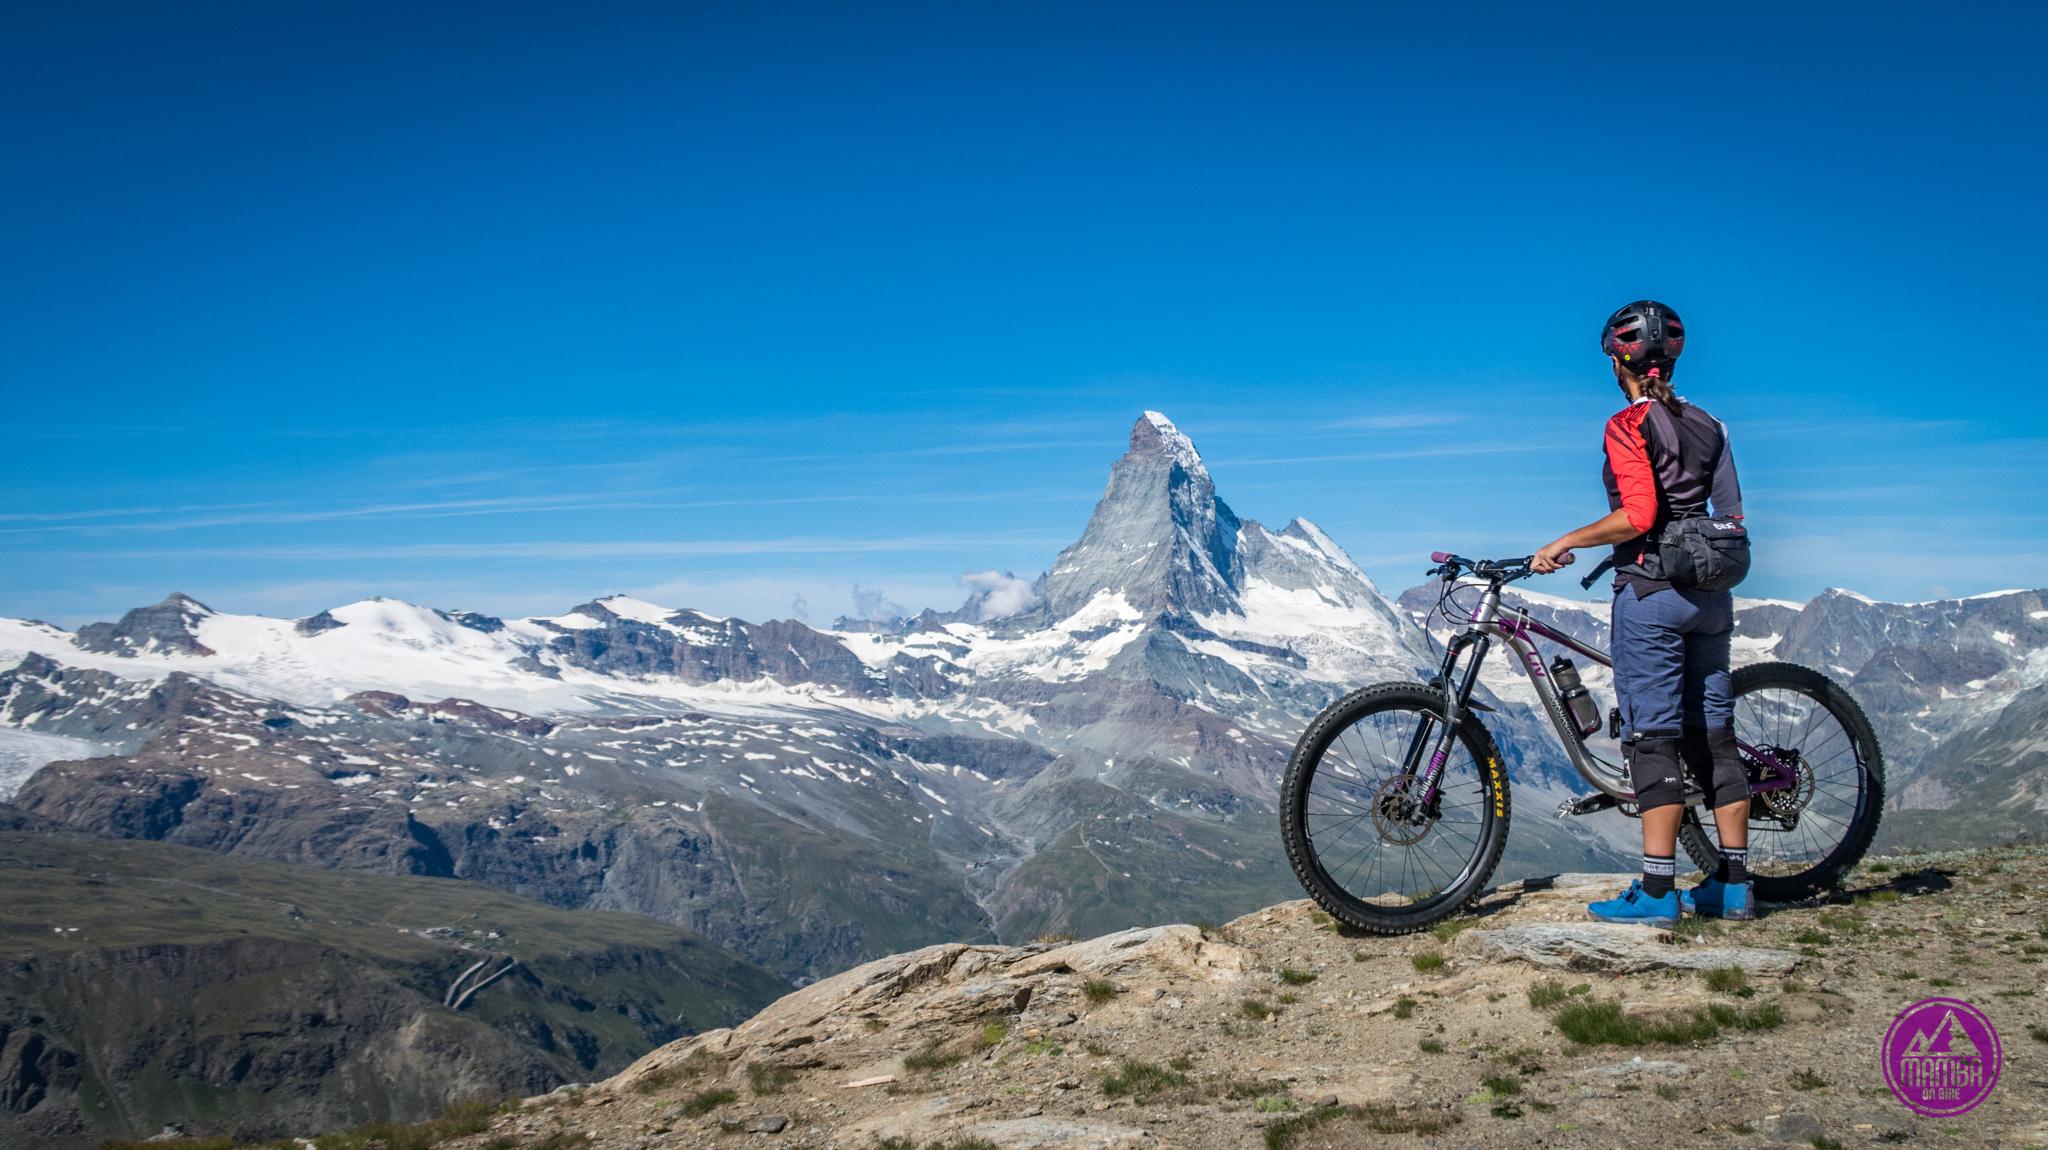 Heli biking -z widokiem na Matterhorn